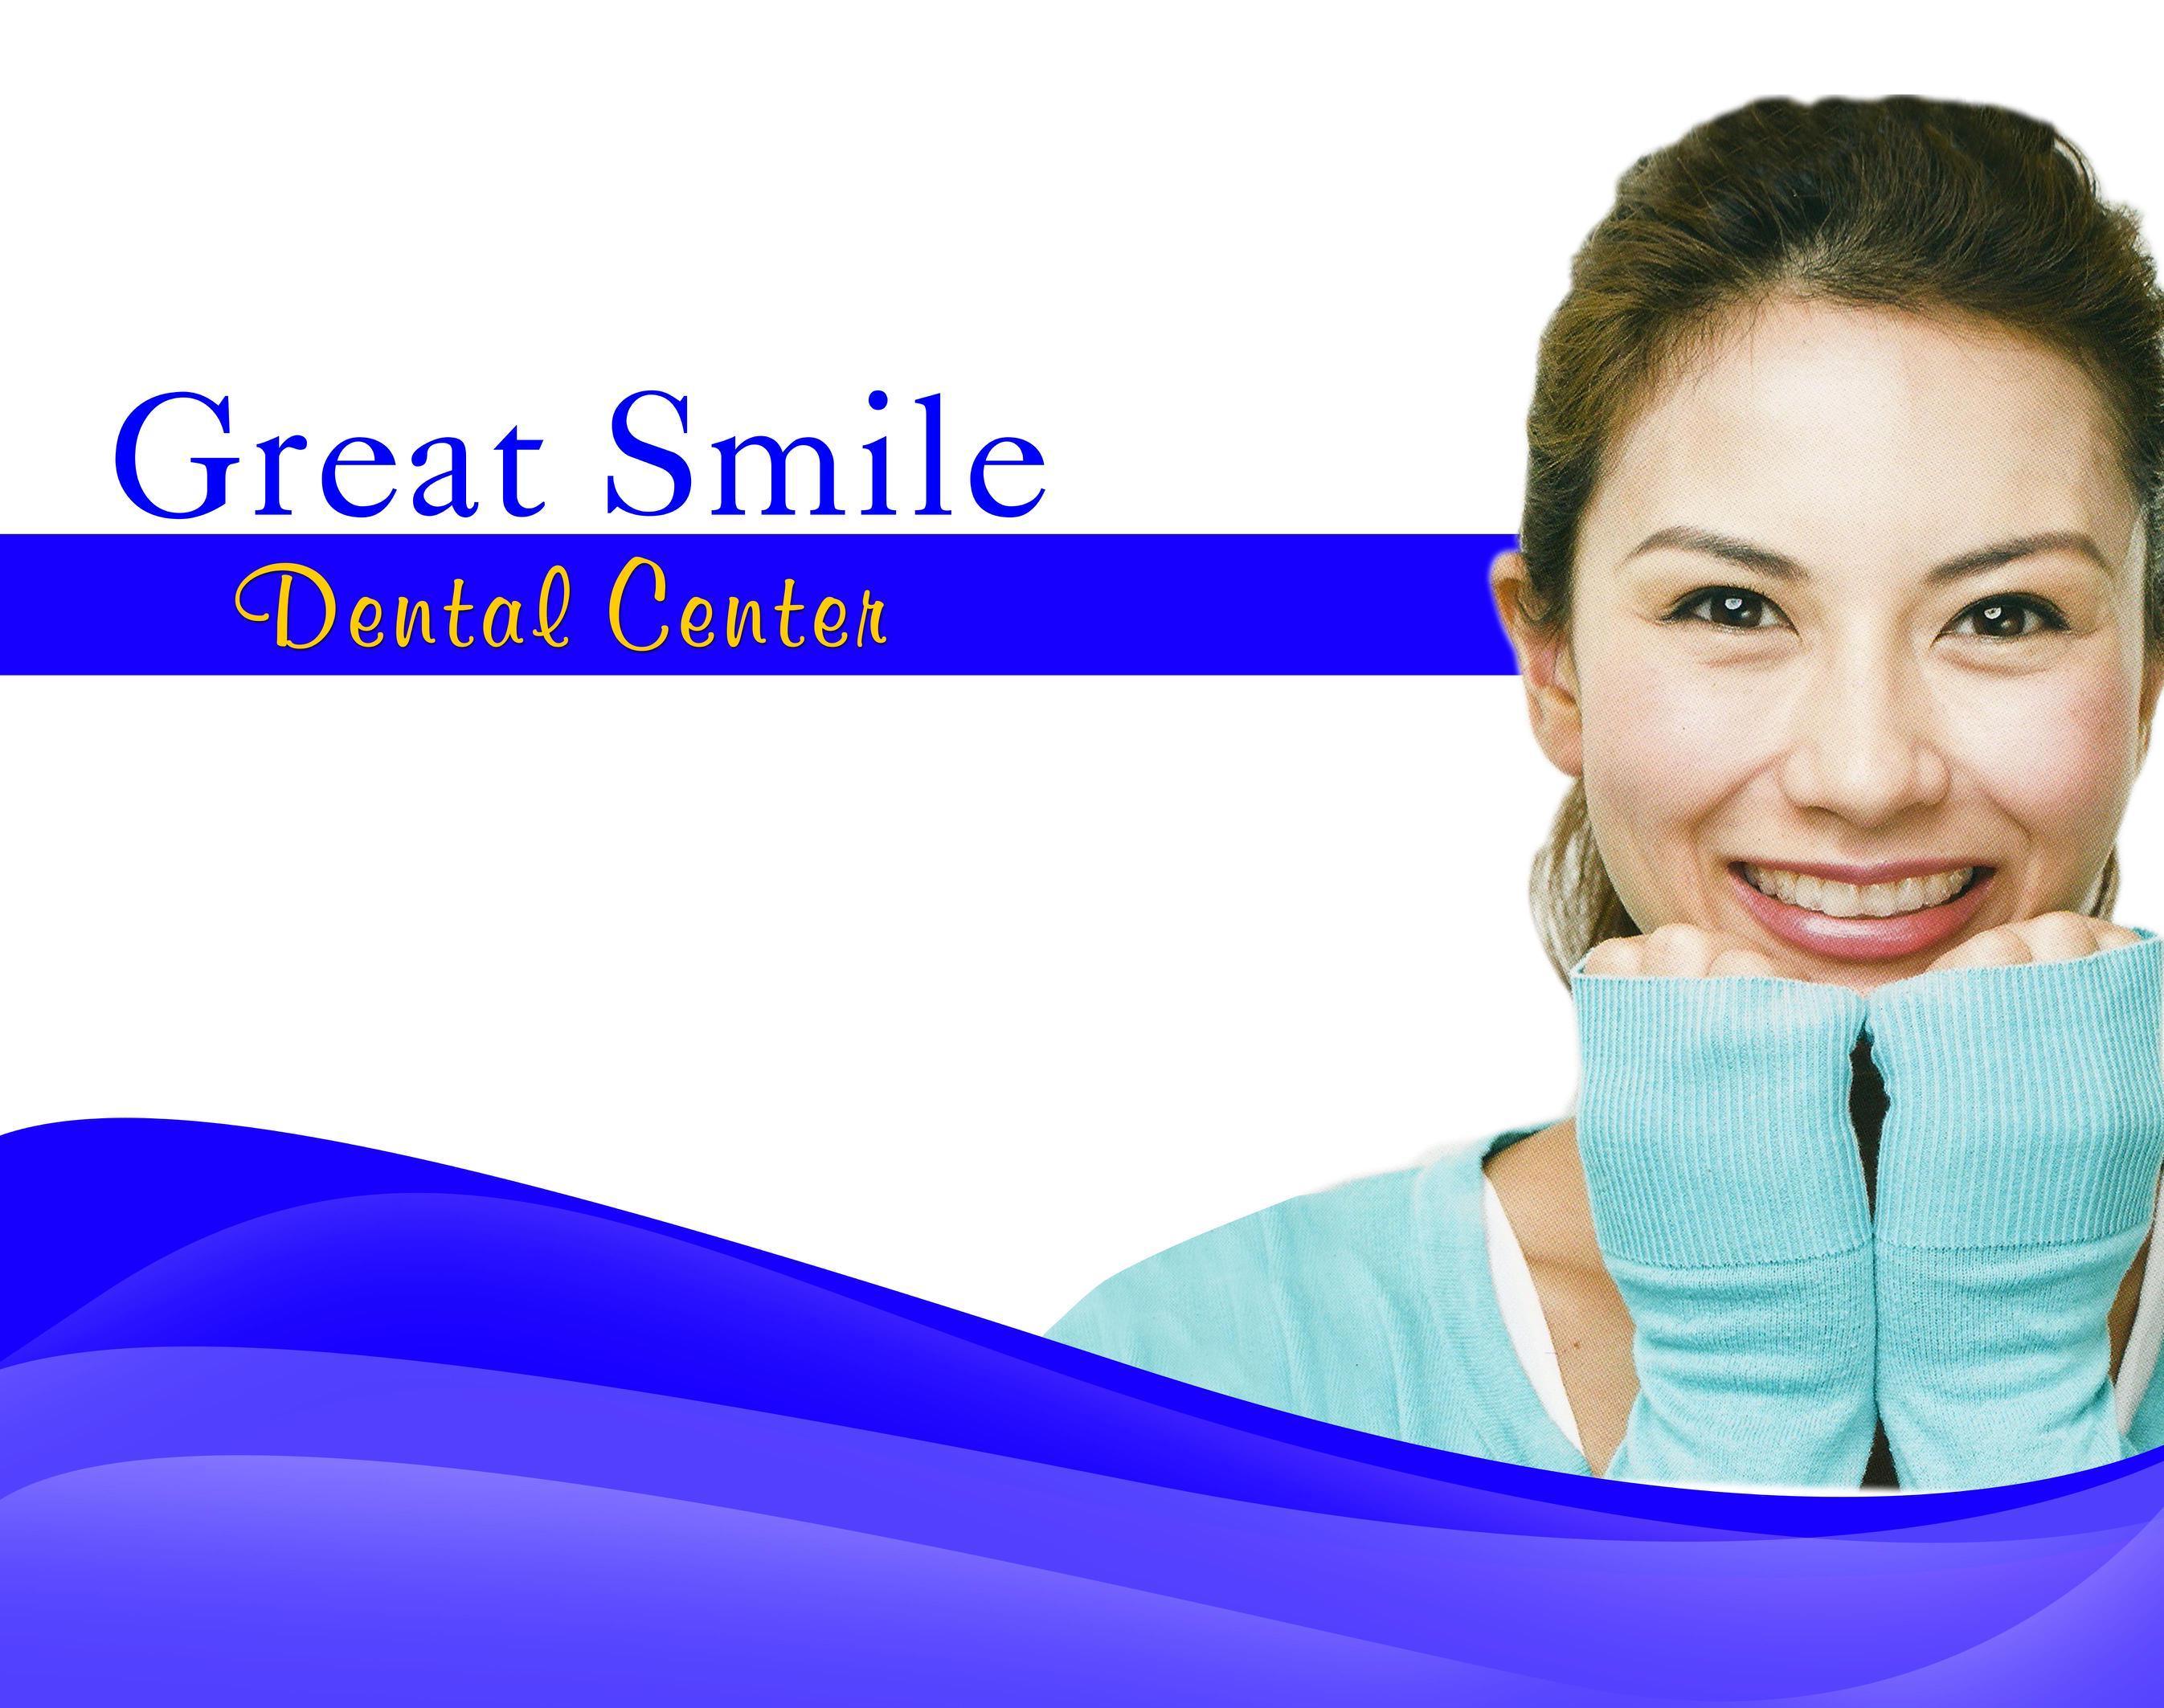 Great Smile Dental Center